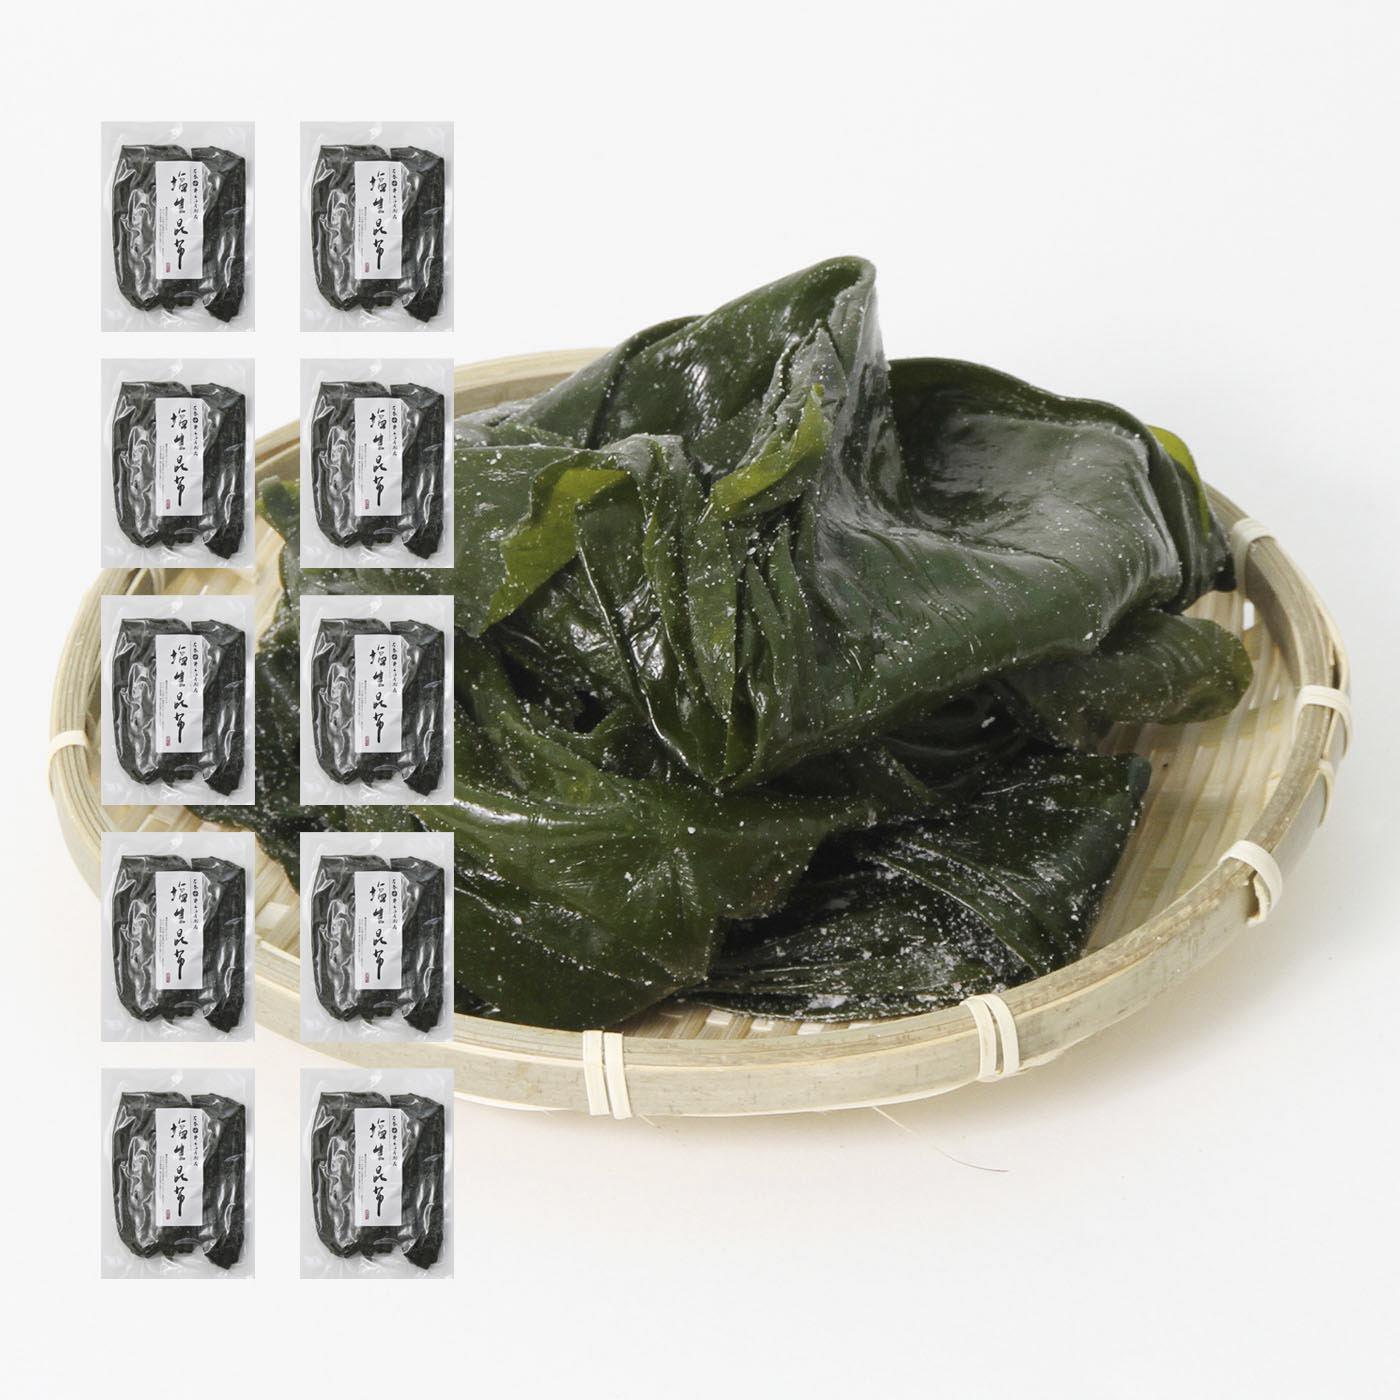 三陸産 塩蔵昆布 10袋セット